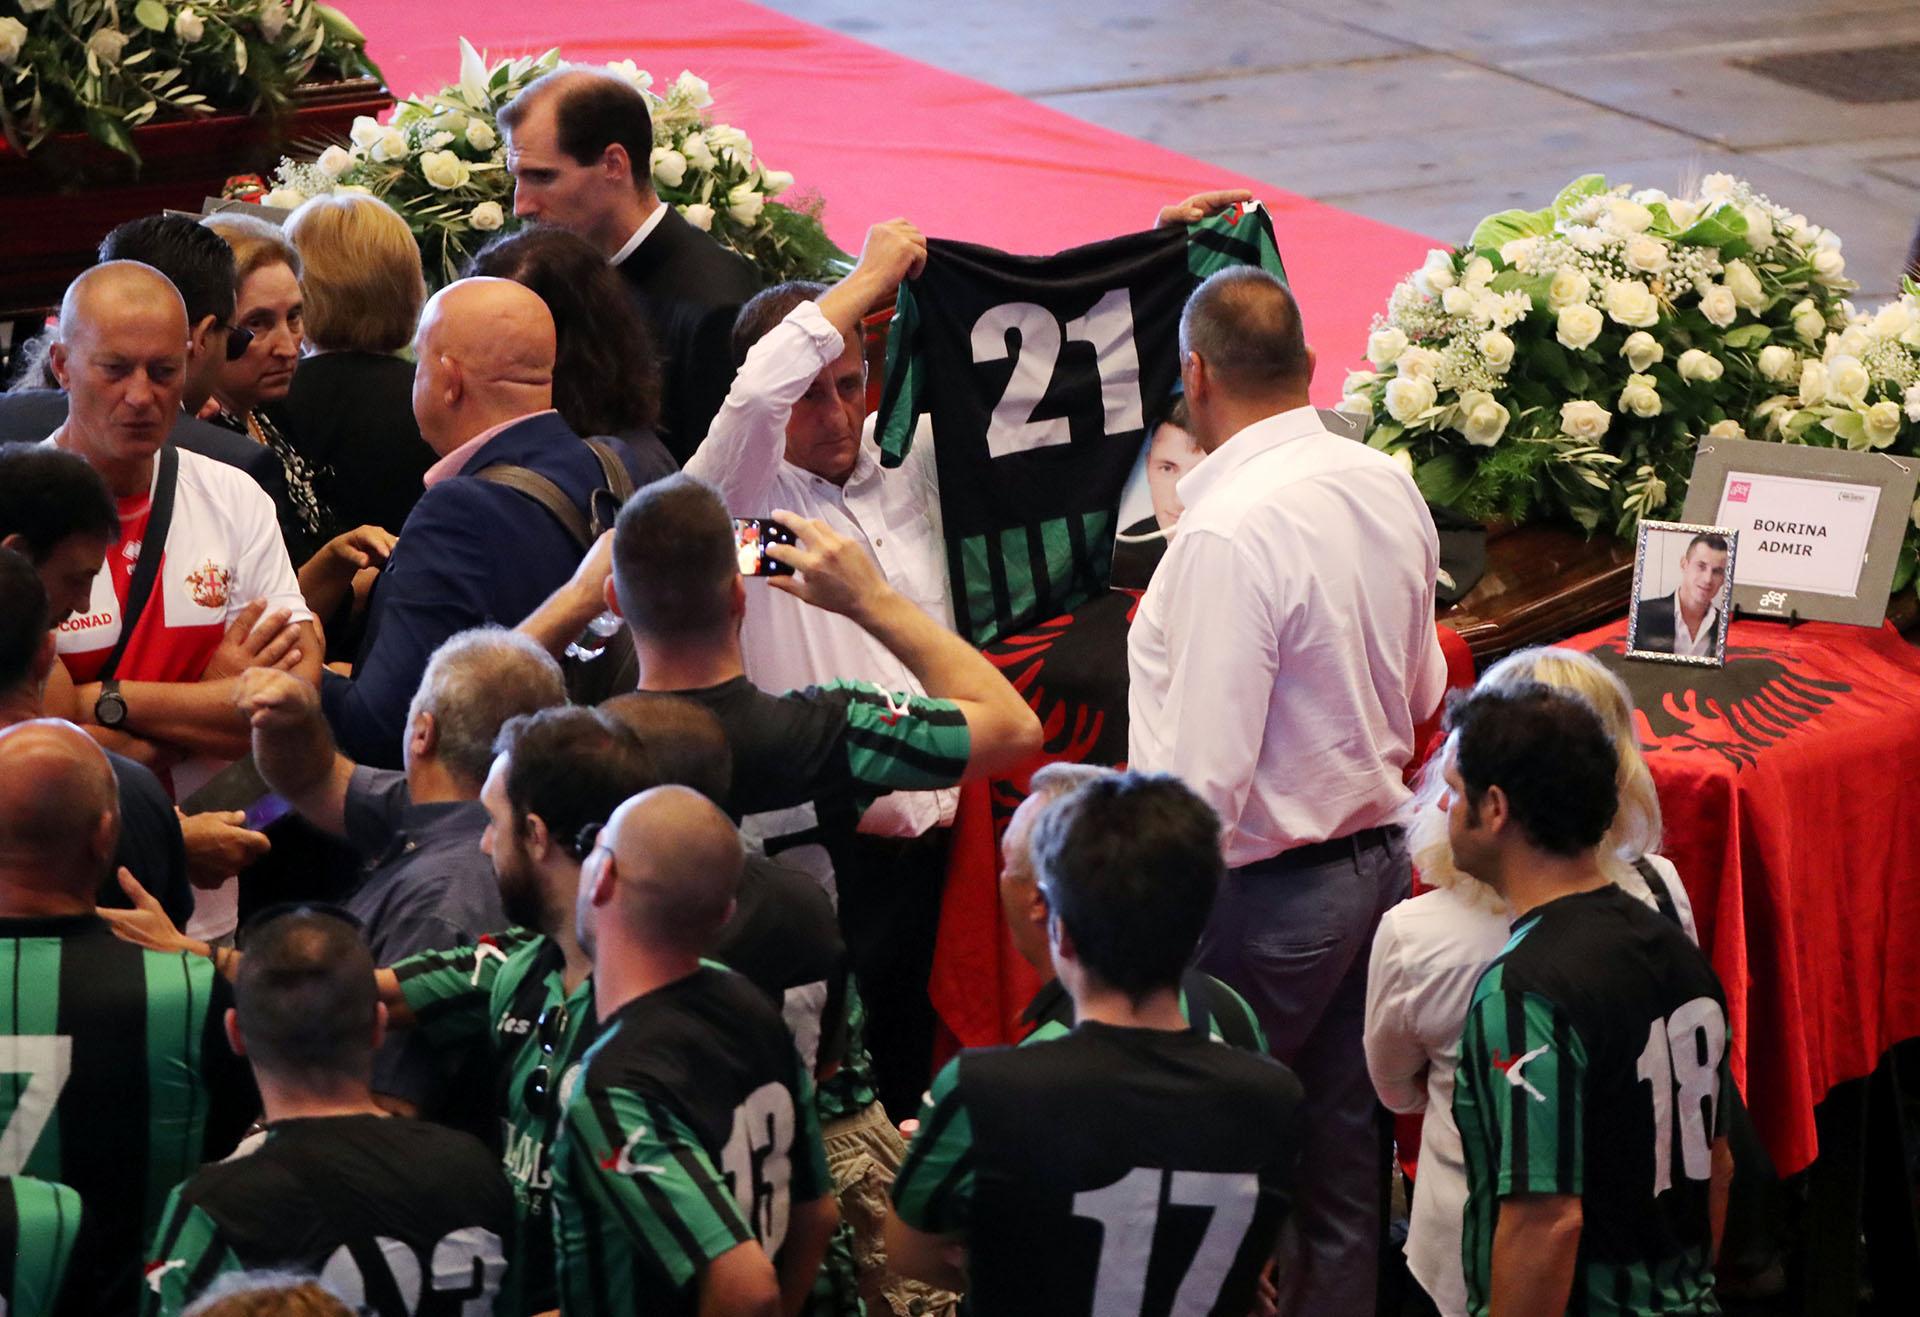 Mucha gente se acercó a despedir a las víctimas. REUTERS/Stefano Rellandini